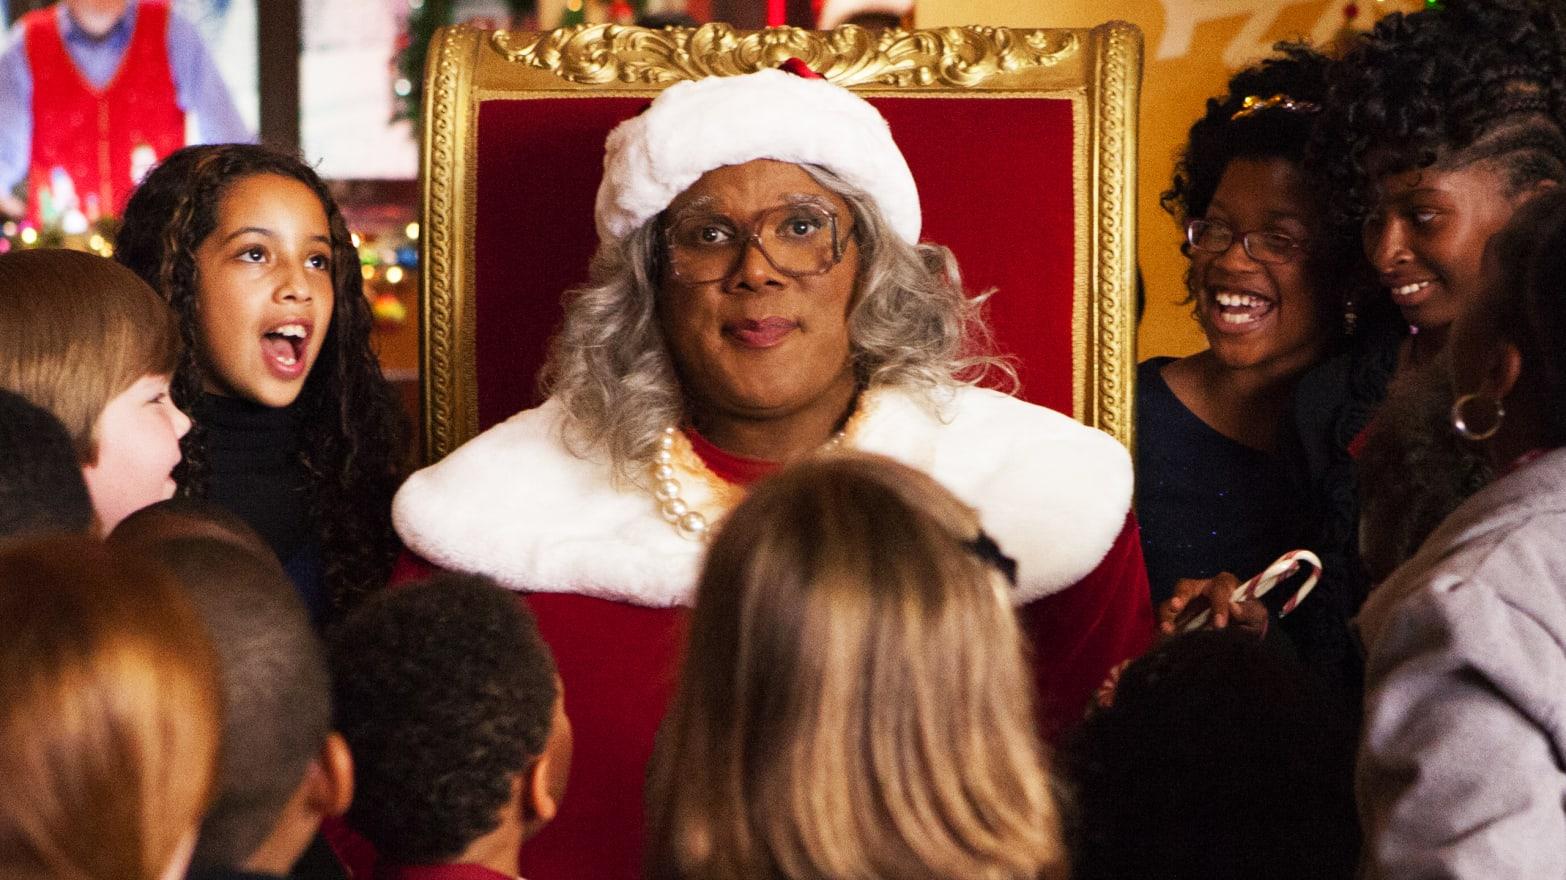 White Christmas Minstrel Show.Tyler Perry S Madea Minstrel Show